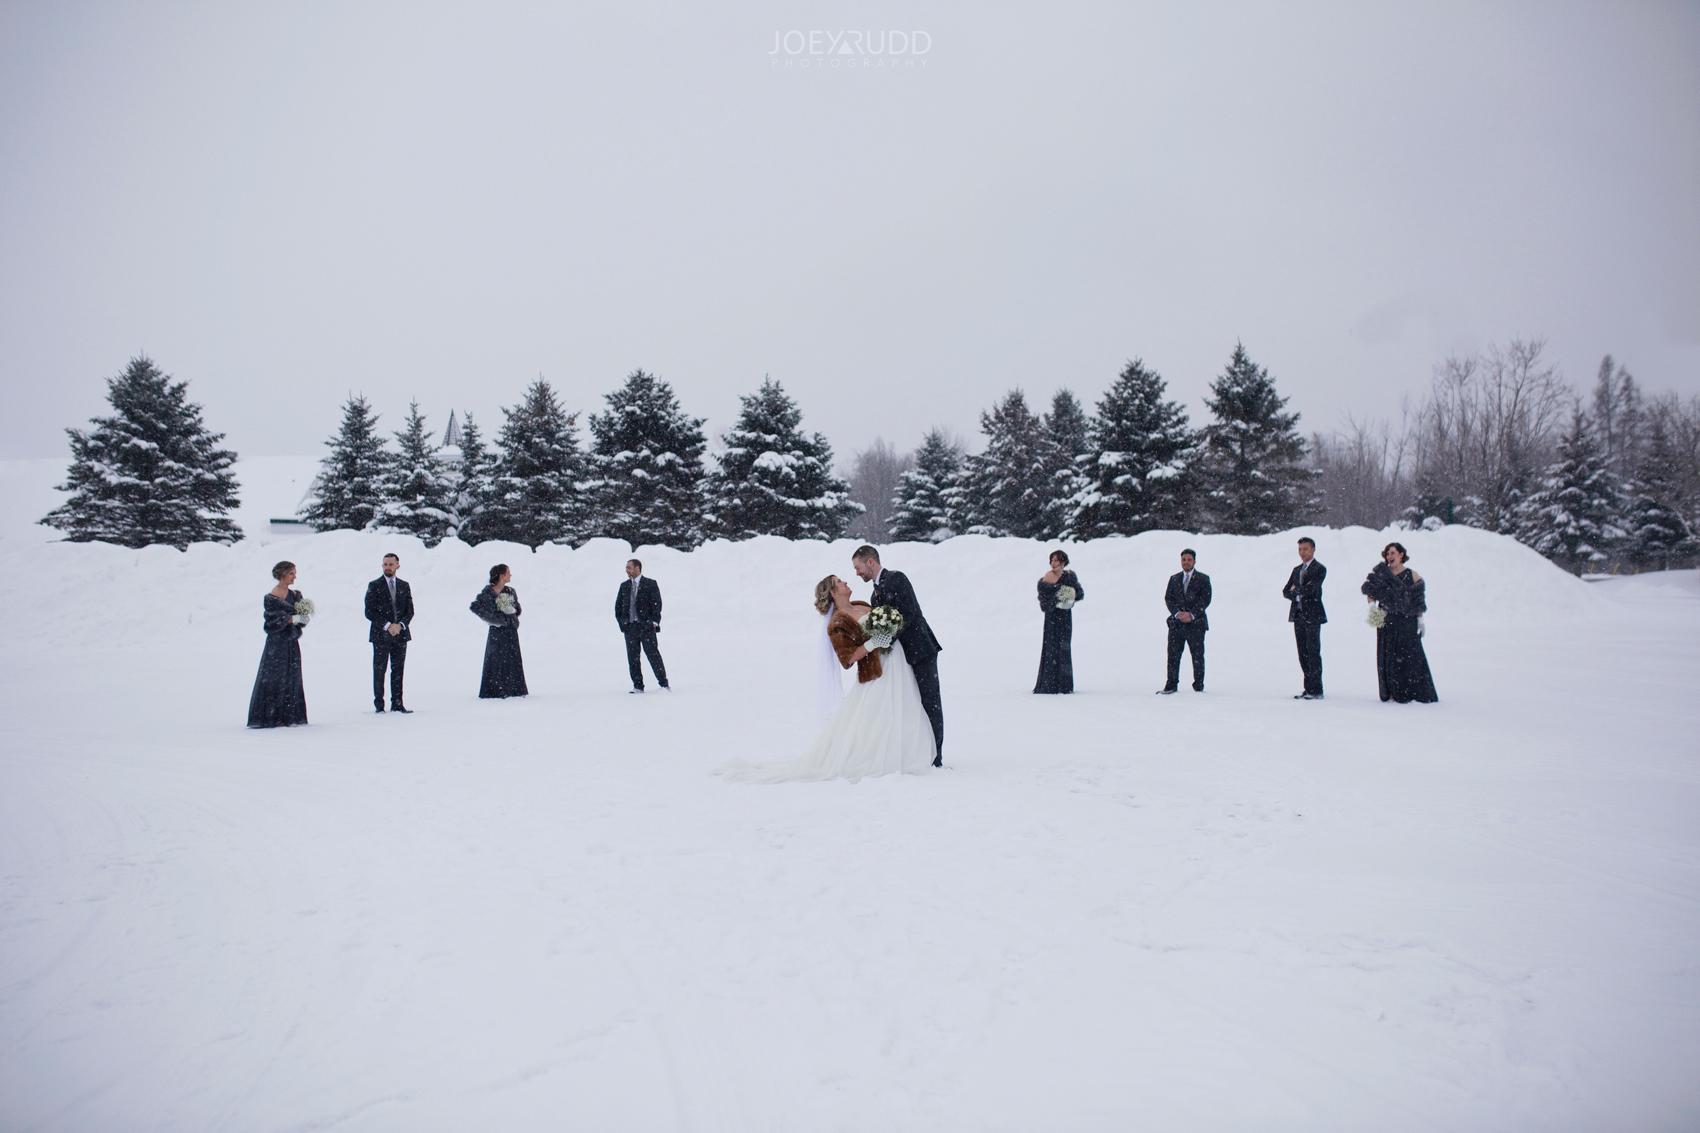 Winter Wedding in Ottawa at Greyhawk Golf Club by Ottawa Wedding Photographer Joey Rudd Photography Wedding Party Snow